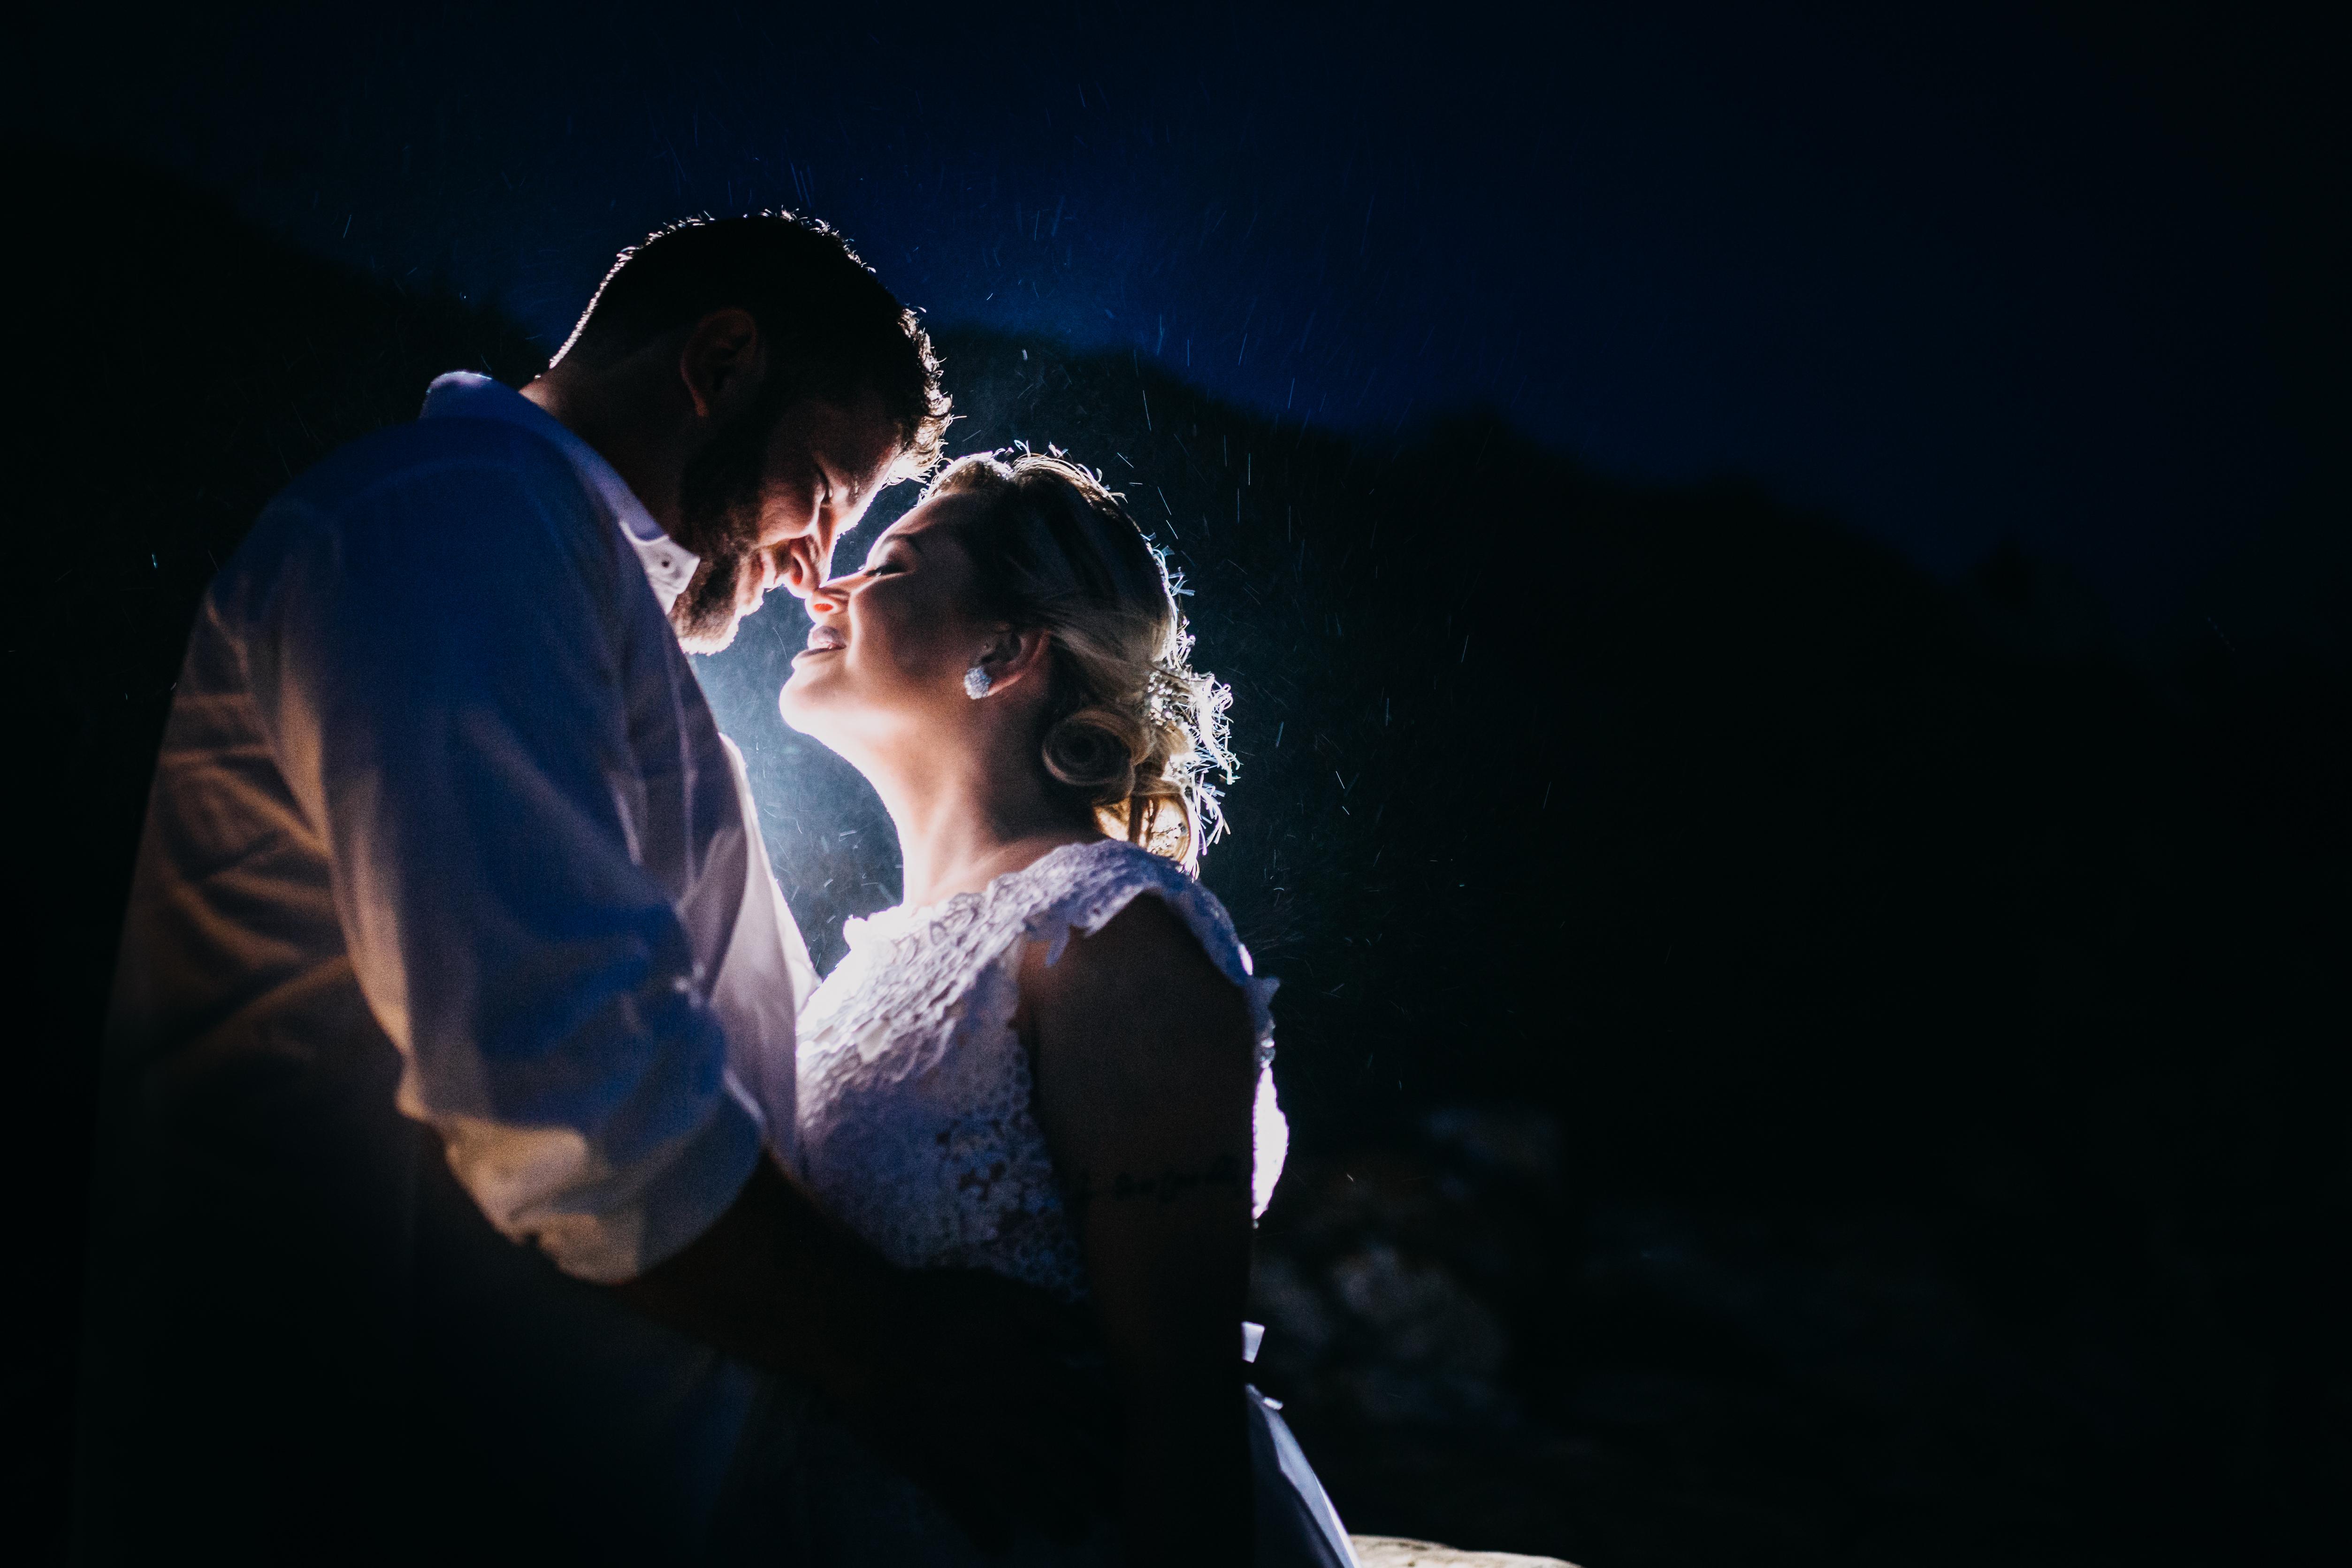 Sobre Fotógrafo de Casamento em Santa Catarina - Misso Photography